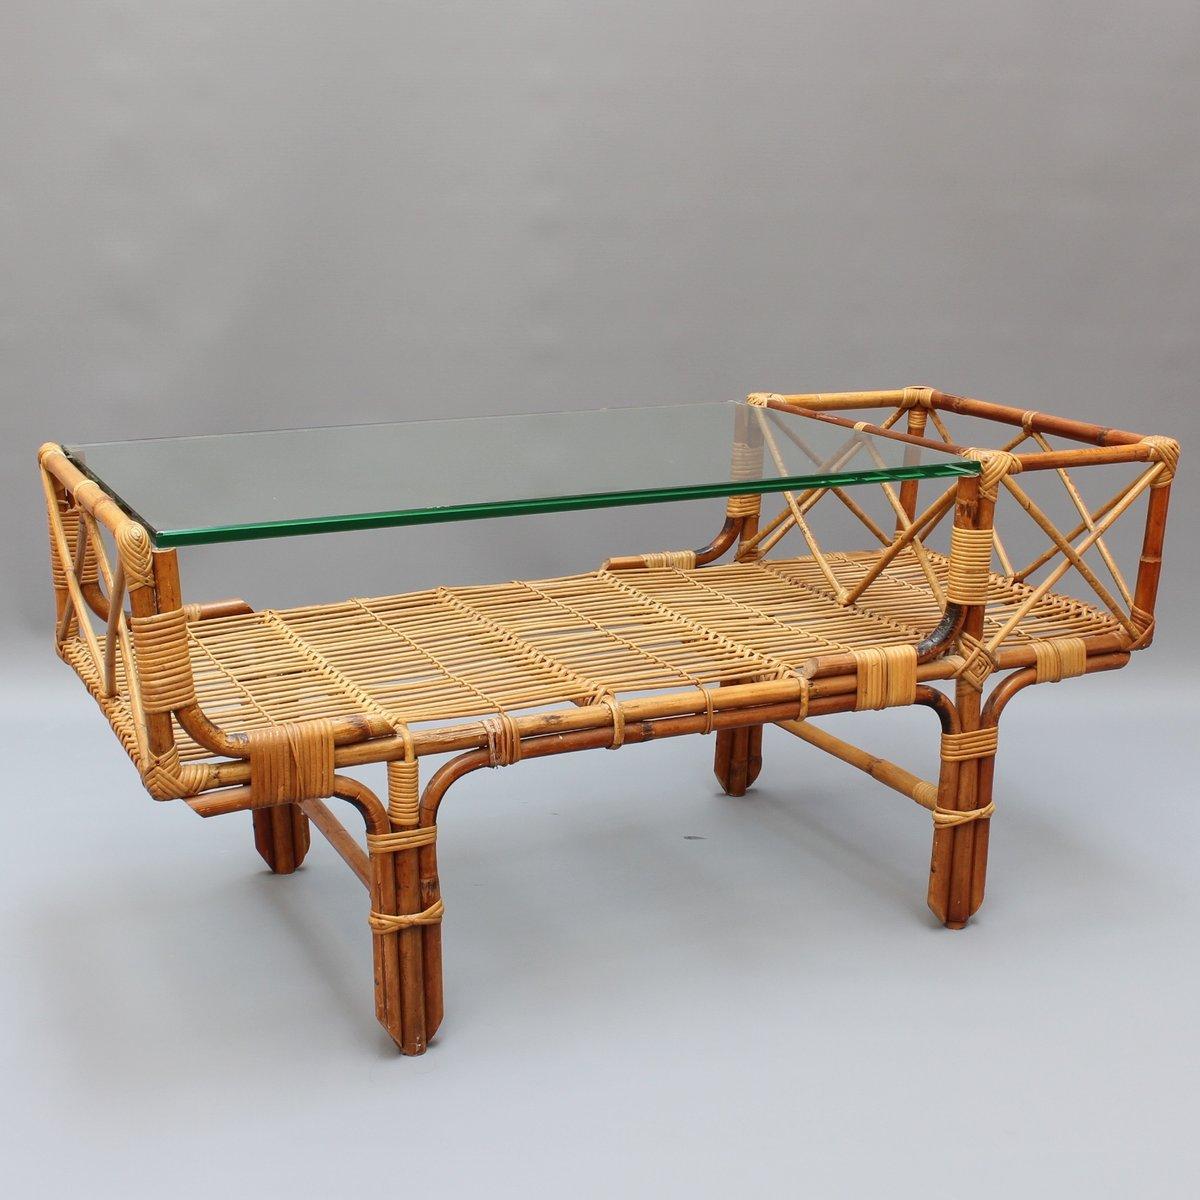 Bambus rattan couchtisch mit glas top 1960er bei pamono - Couchtisch bambus ...